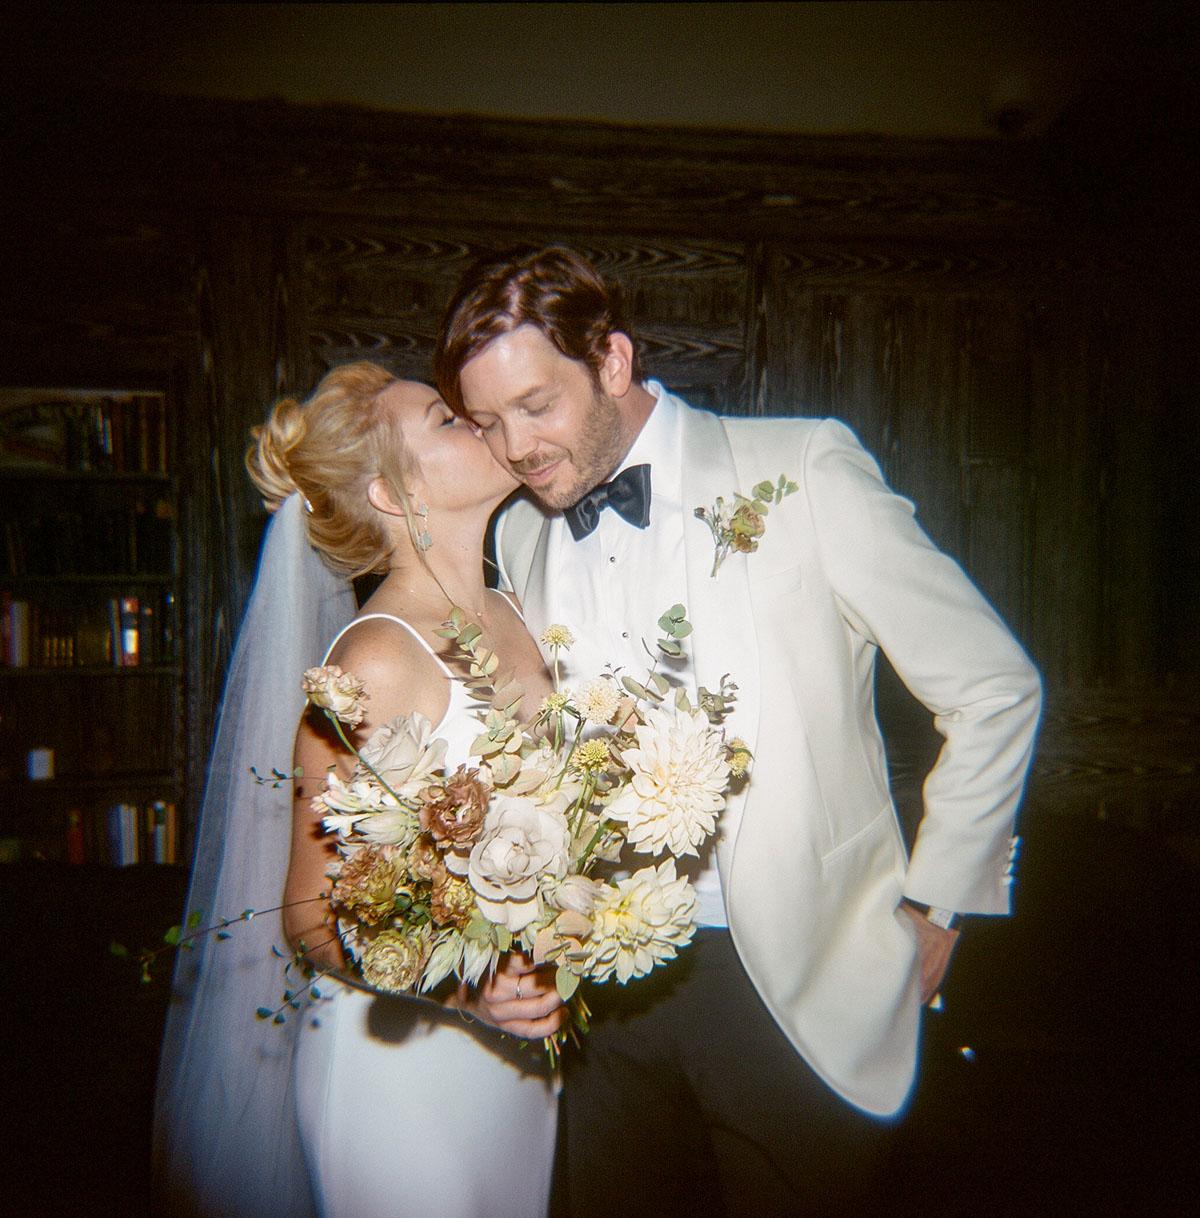 10-holga-groom-white-tuxedo.jpg